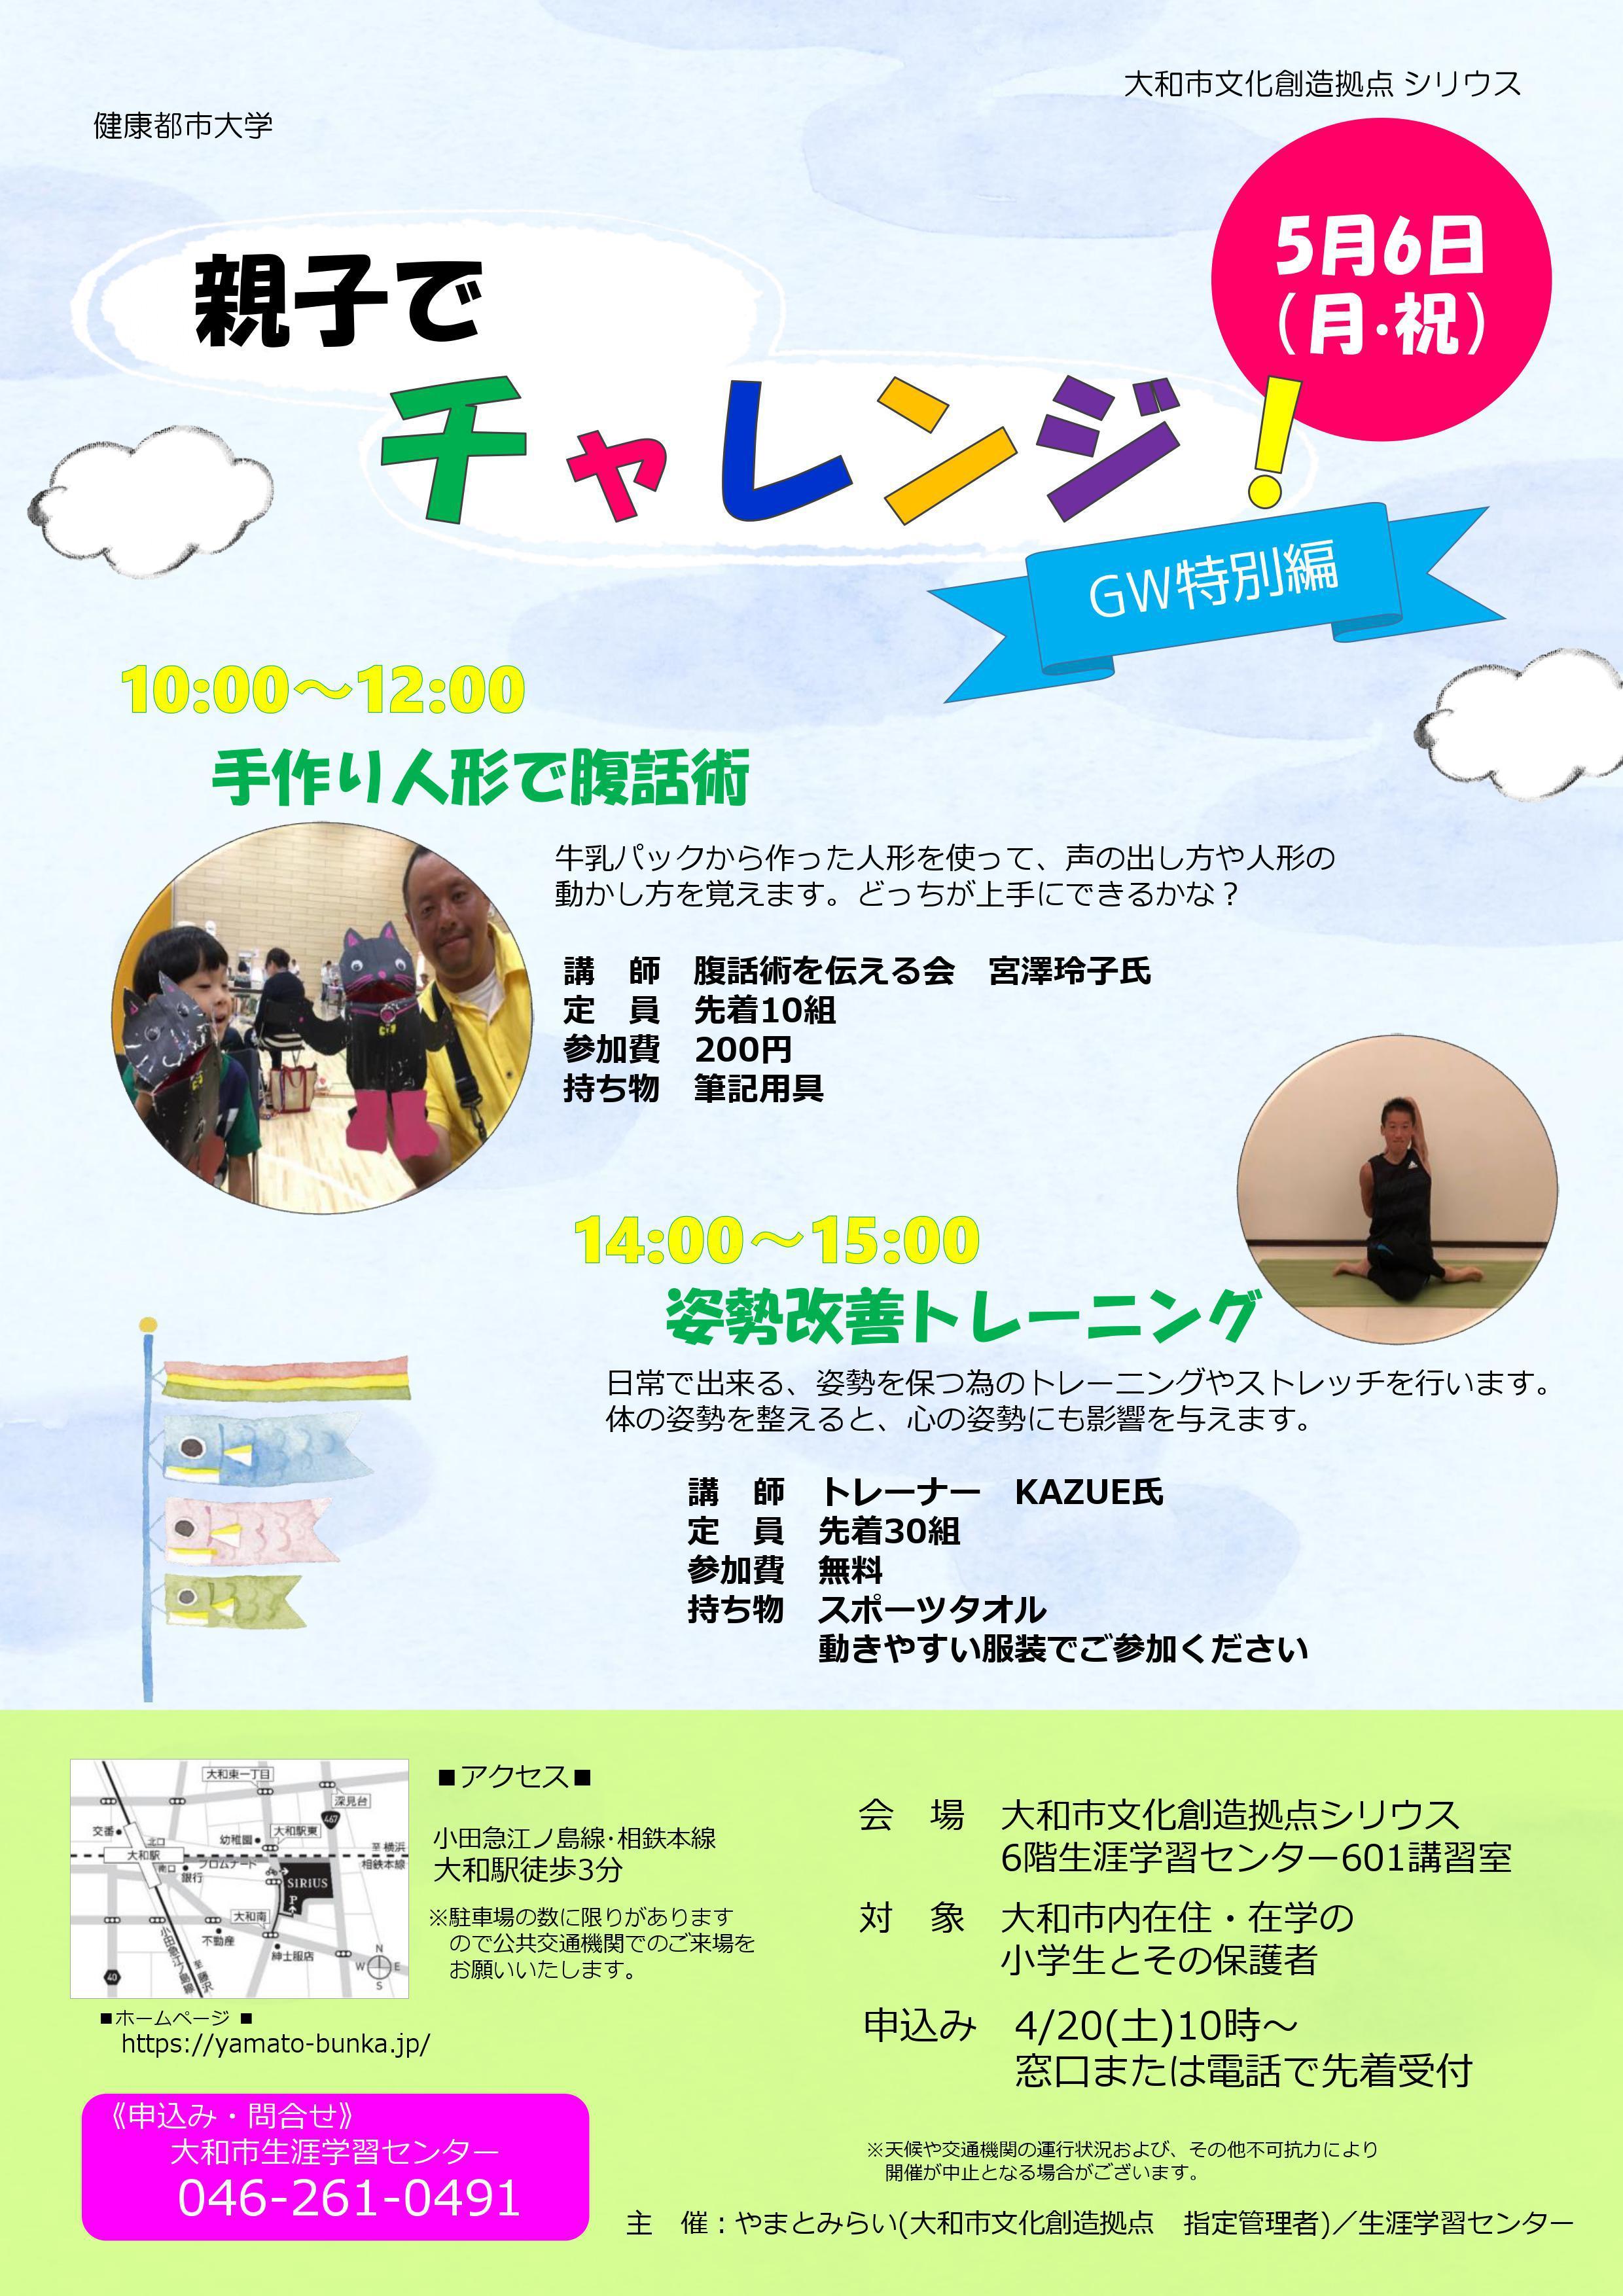 健康都市大学 親子でチャレンジ!~ゴールデンウィーク特別編~